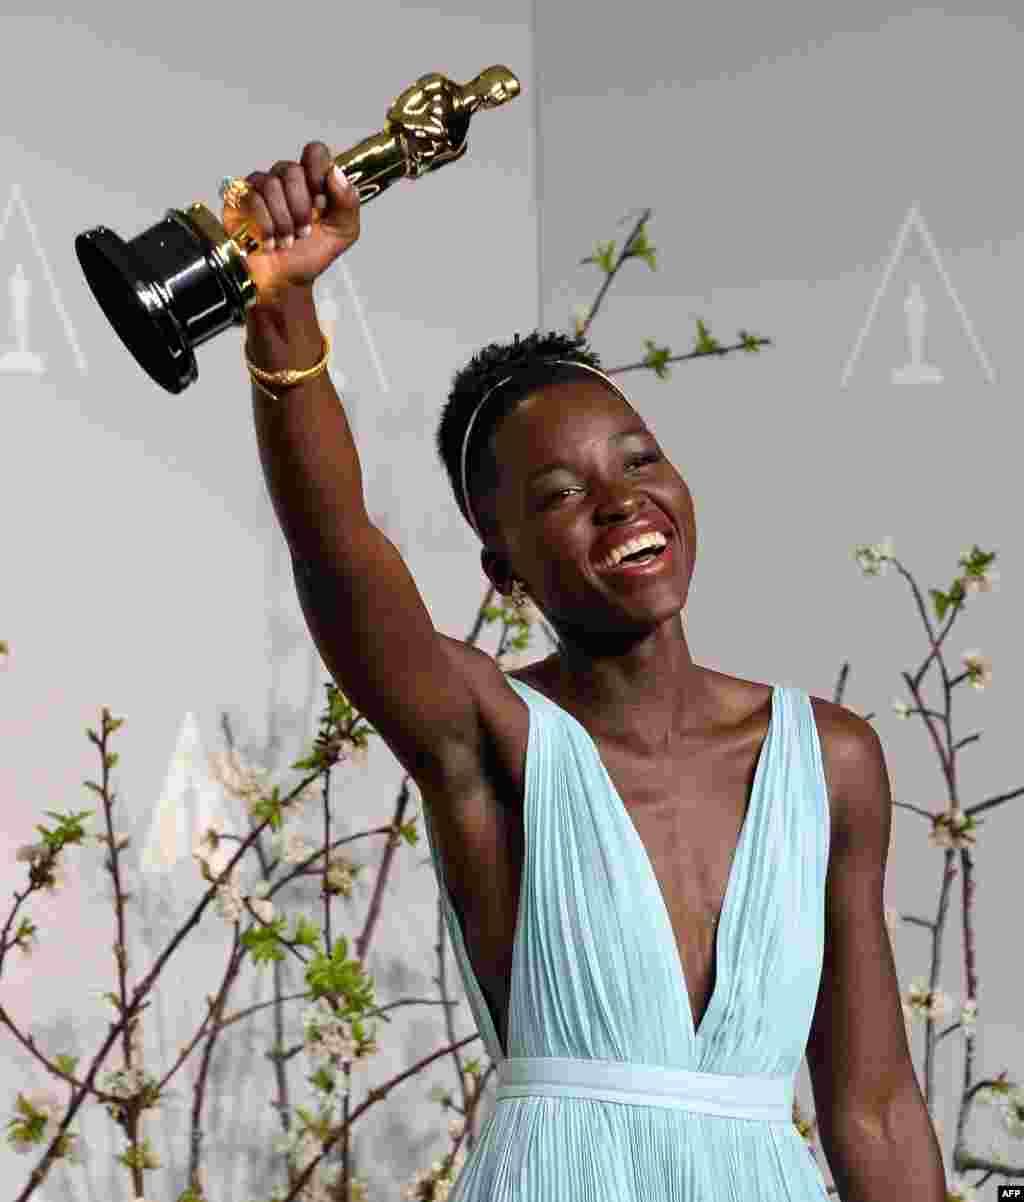 2일 미국 캘리포니아주 할리우드에서 열린 제86회 아카데미 시상식에서, 영화 '노예 12년'으로 여우조연상을 받은 신인 여배우 루피타 니용고가 트로피를 들고 기뻐하고 있다.